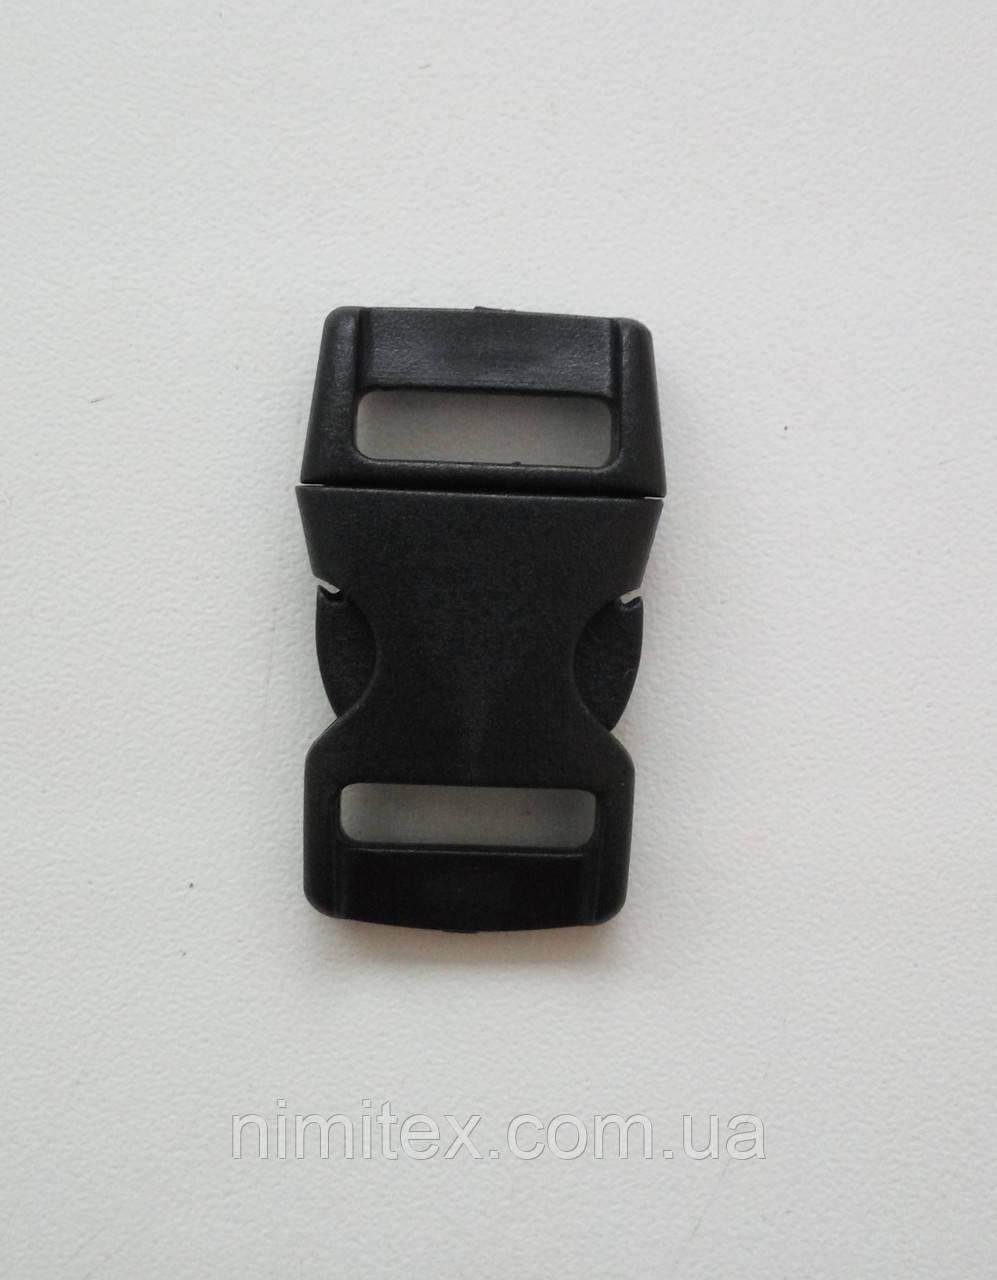 Фастекс 15 мм черный